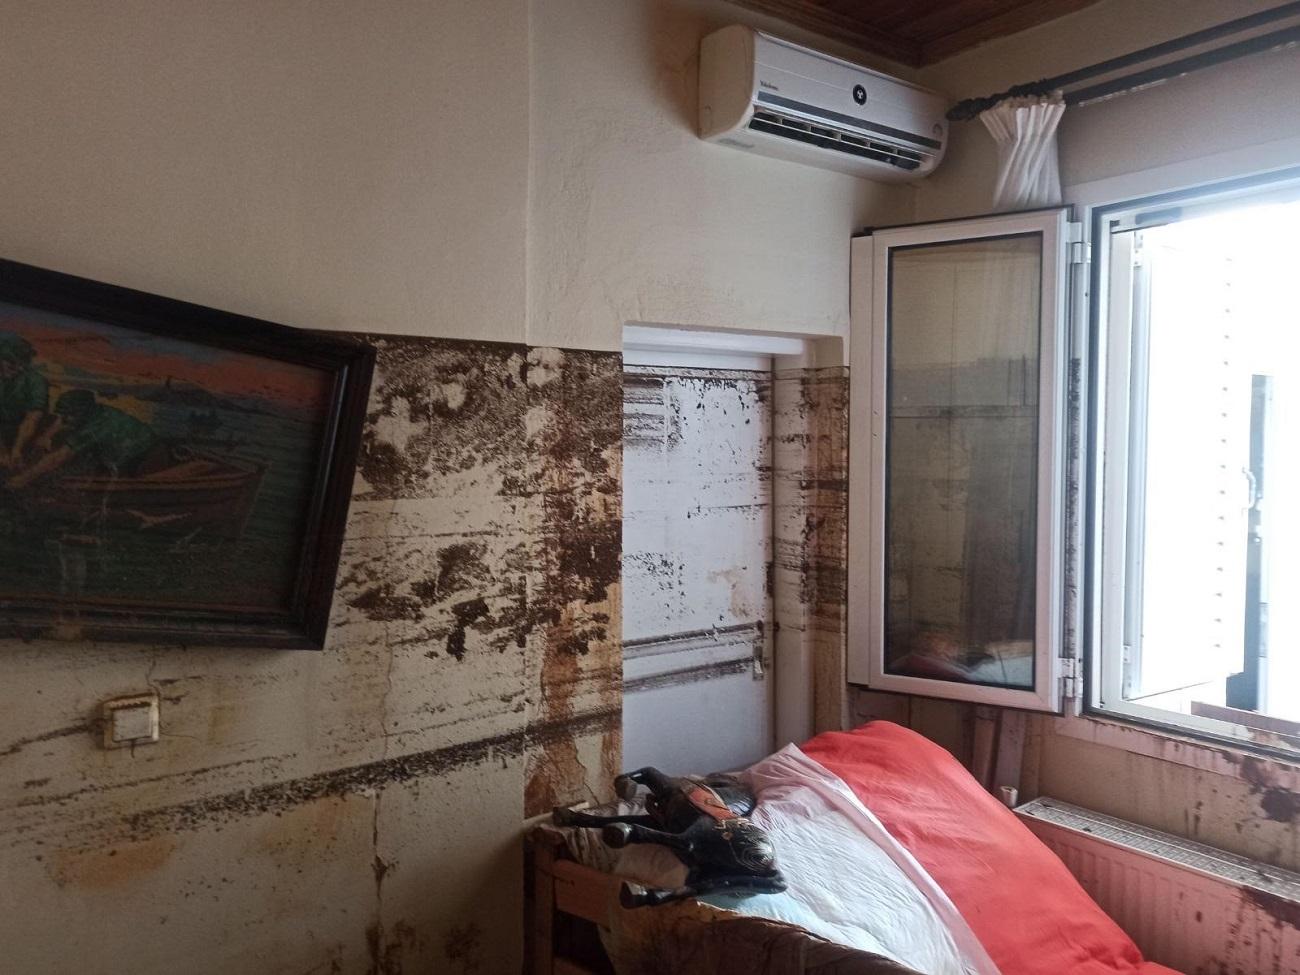 Καταστροφές σε δωμάτιο στα Πολιτικά Εύβοιας